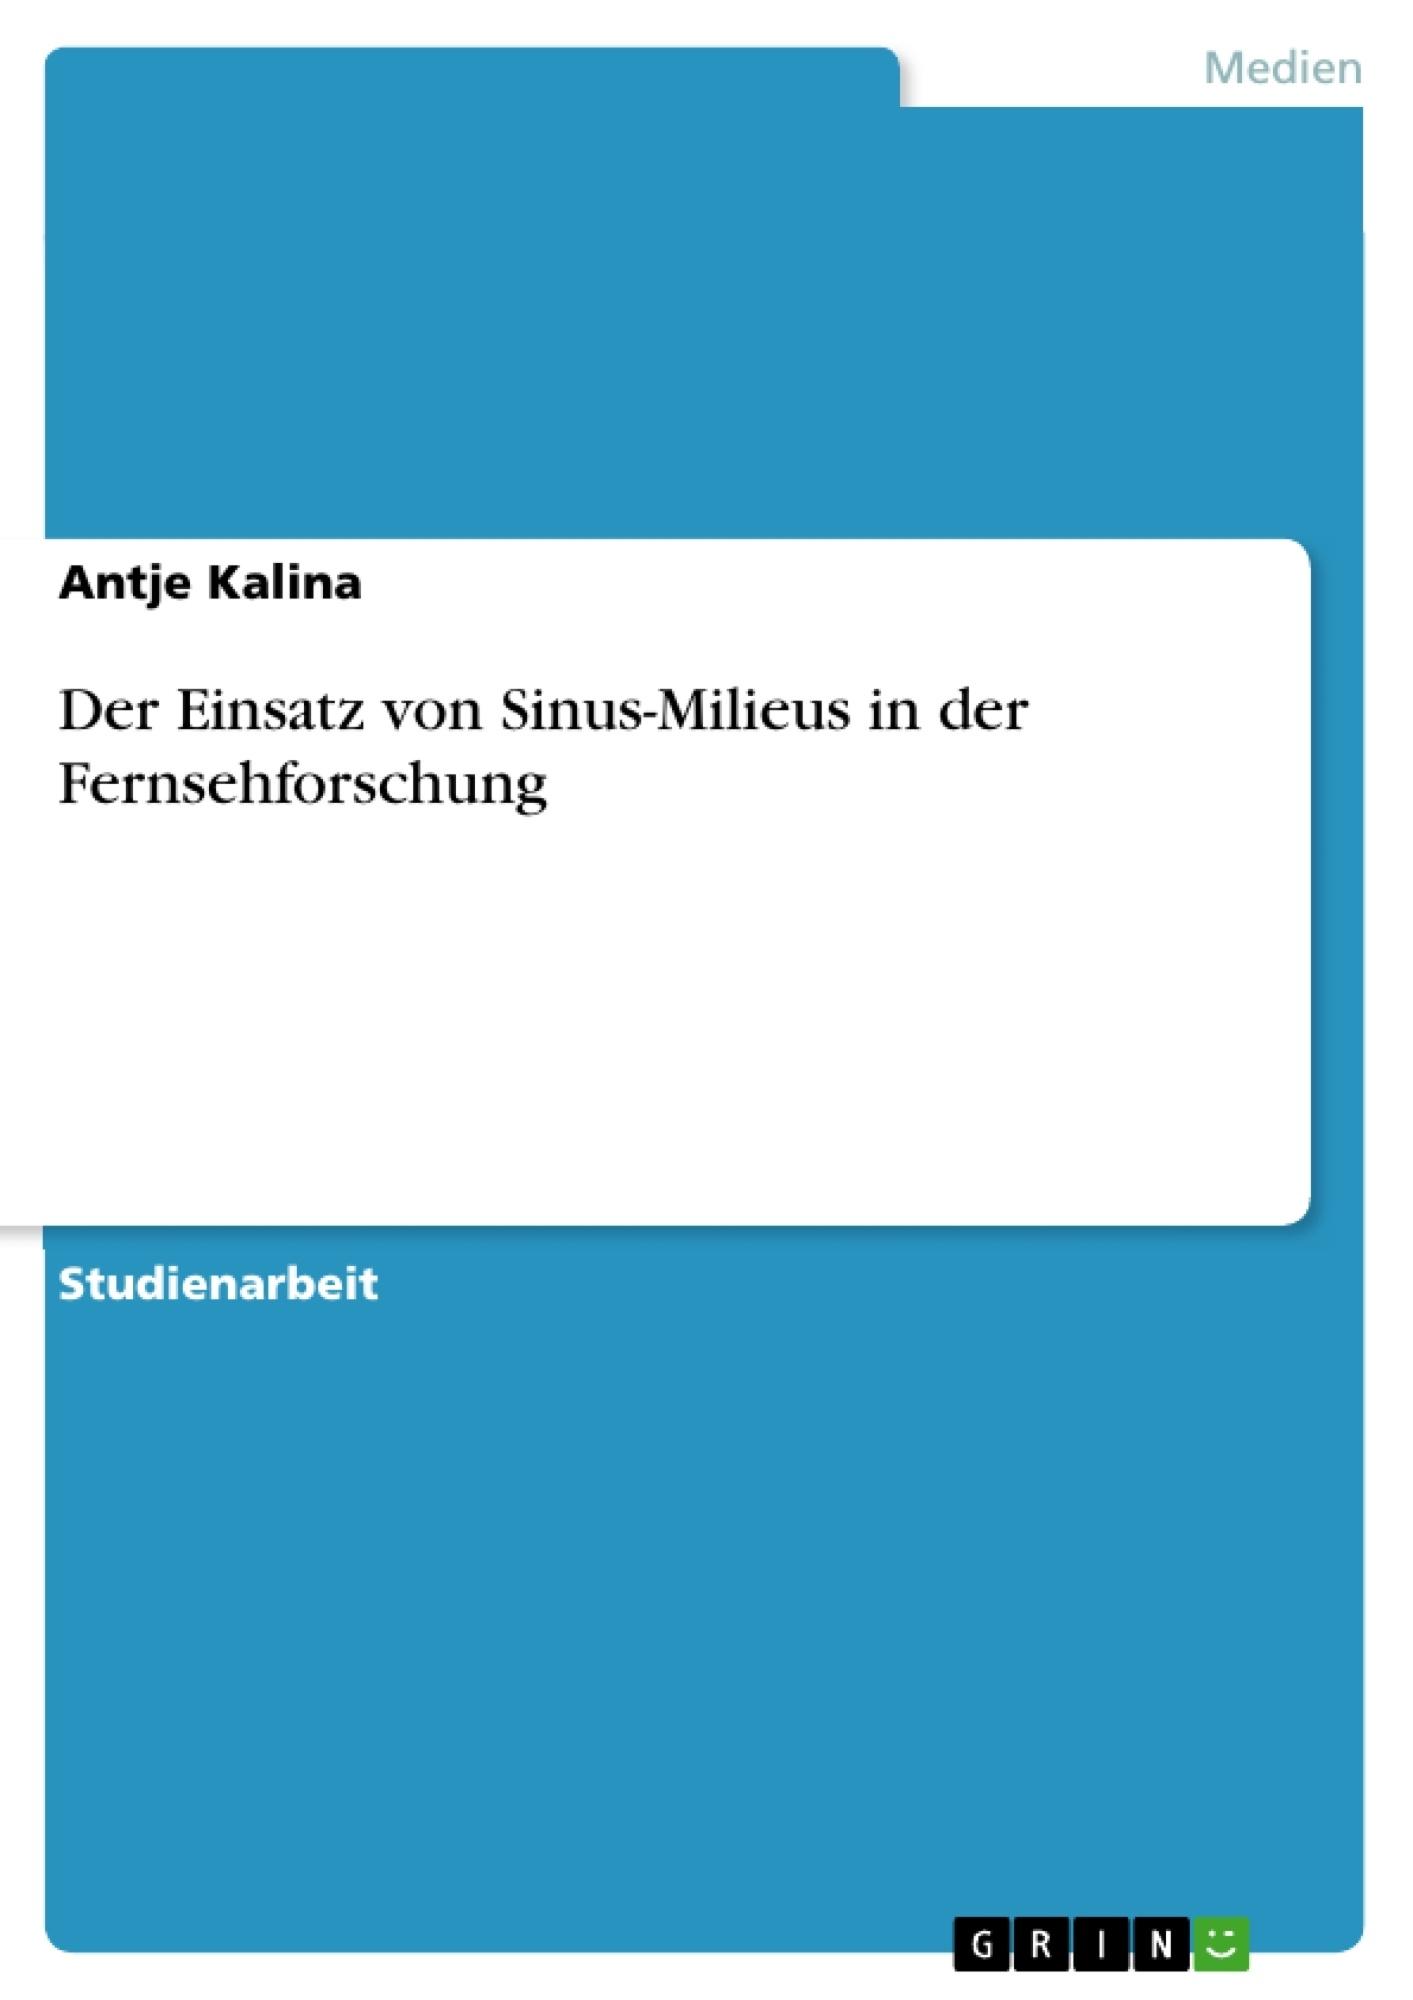 Titel: Der Einsatz von Sinus-Milieus in der Fernsehforschung